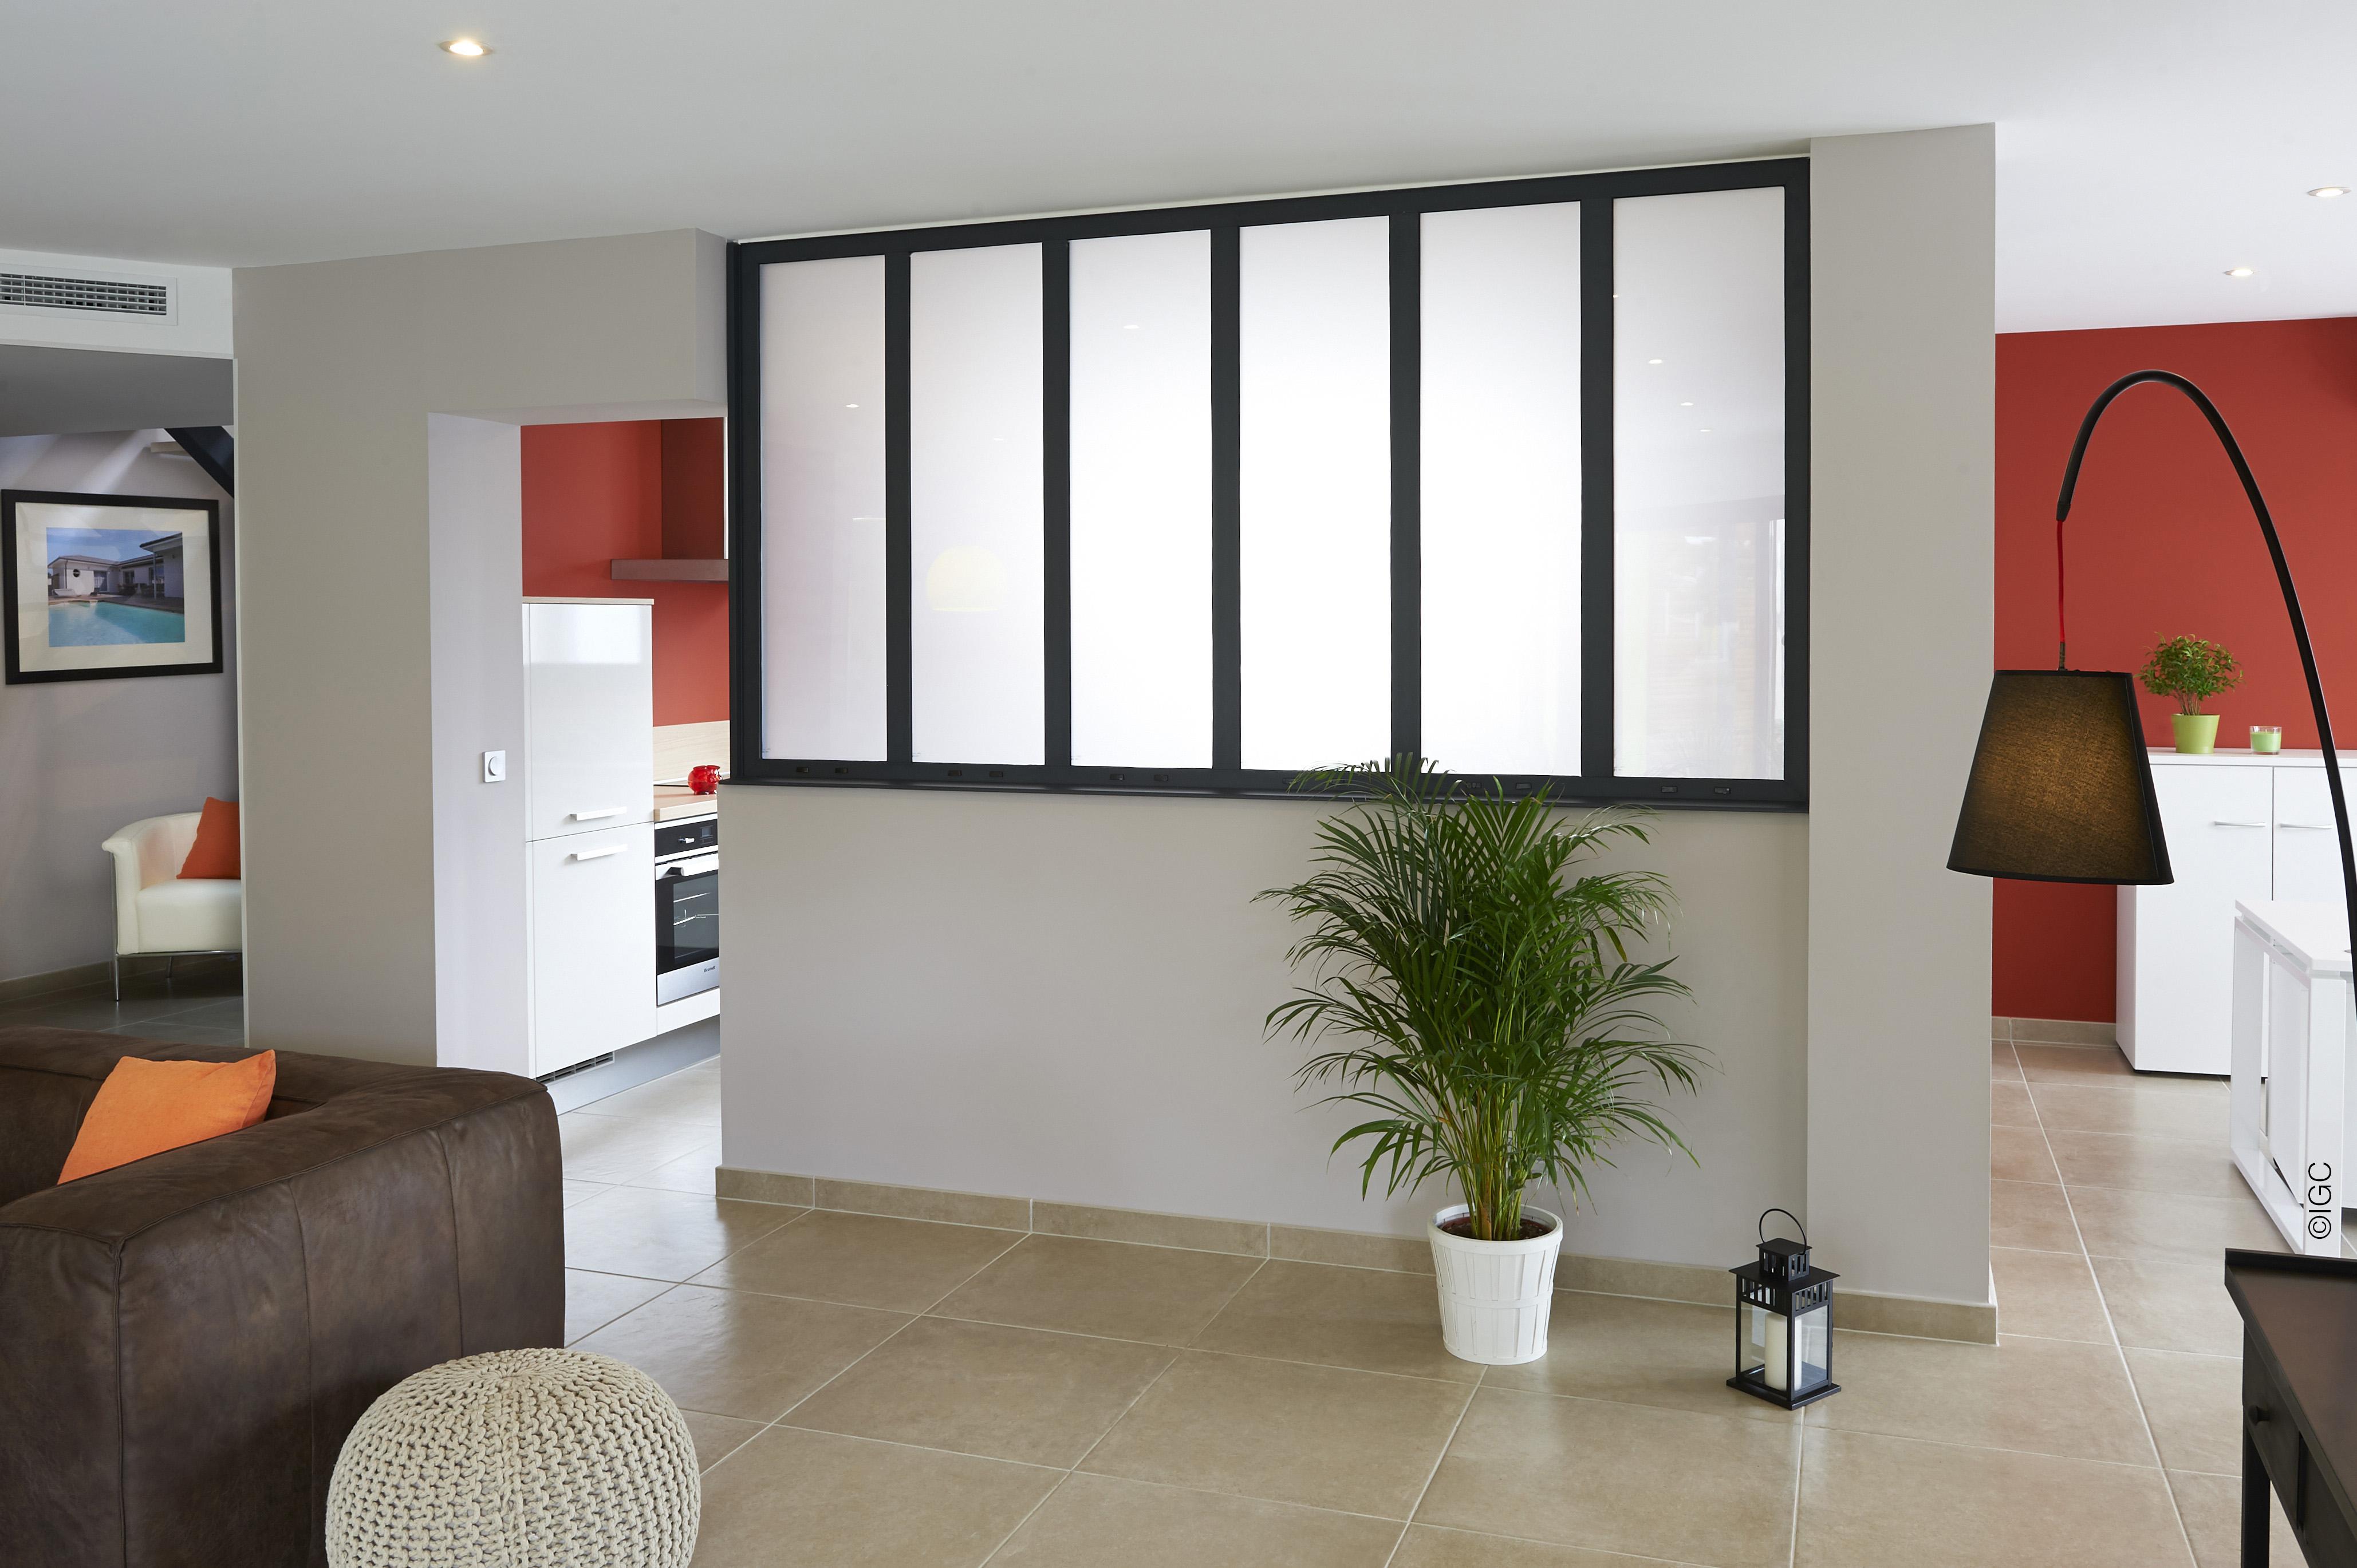 Igc construction constructeur maisons individuelles la for Constructeur de maison contemporaine drome